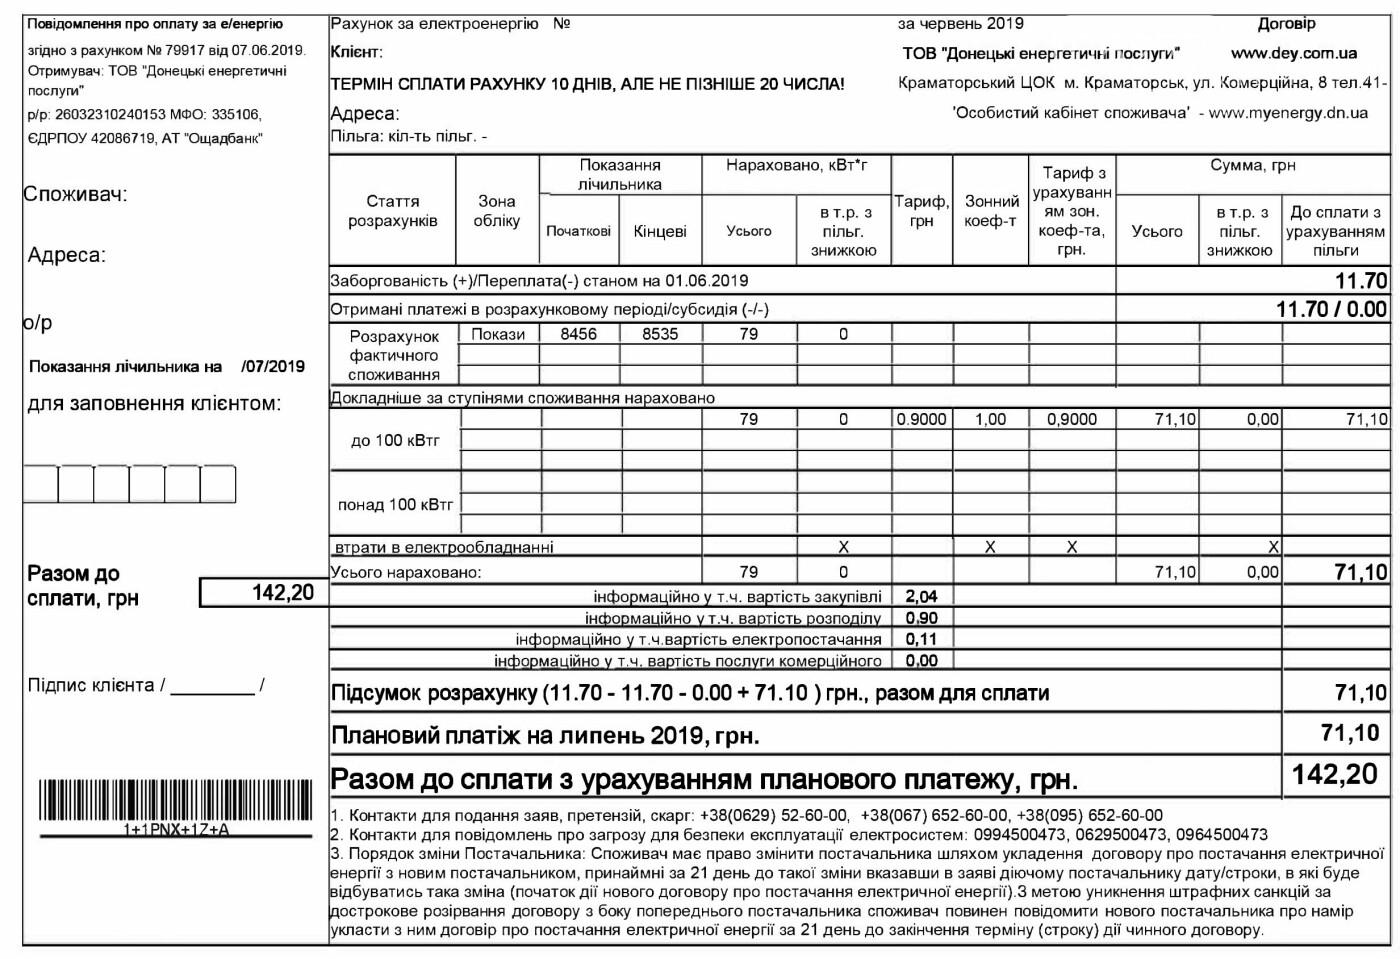 Что такое плановый платеж за электроэнергию и обязателен ли он для жителей Доброполья?, фото-1